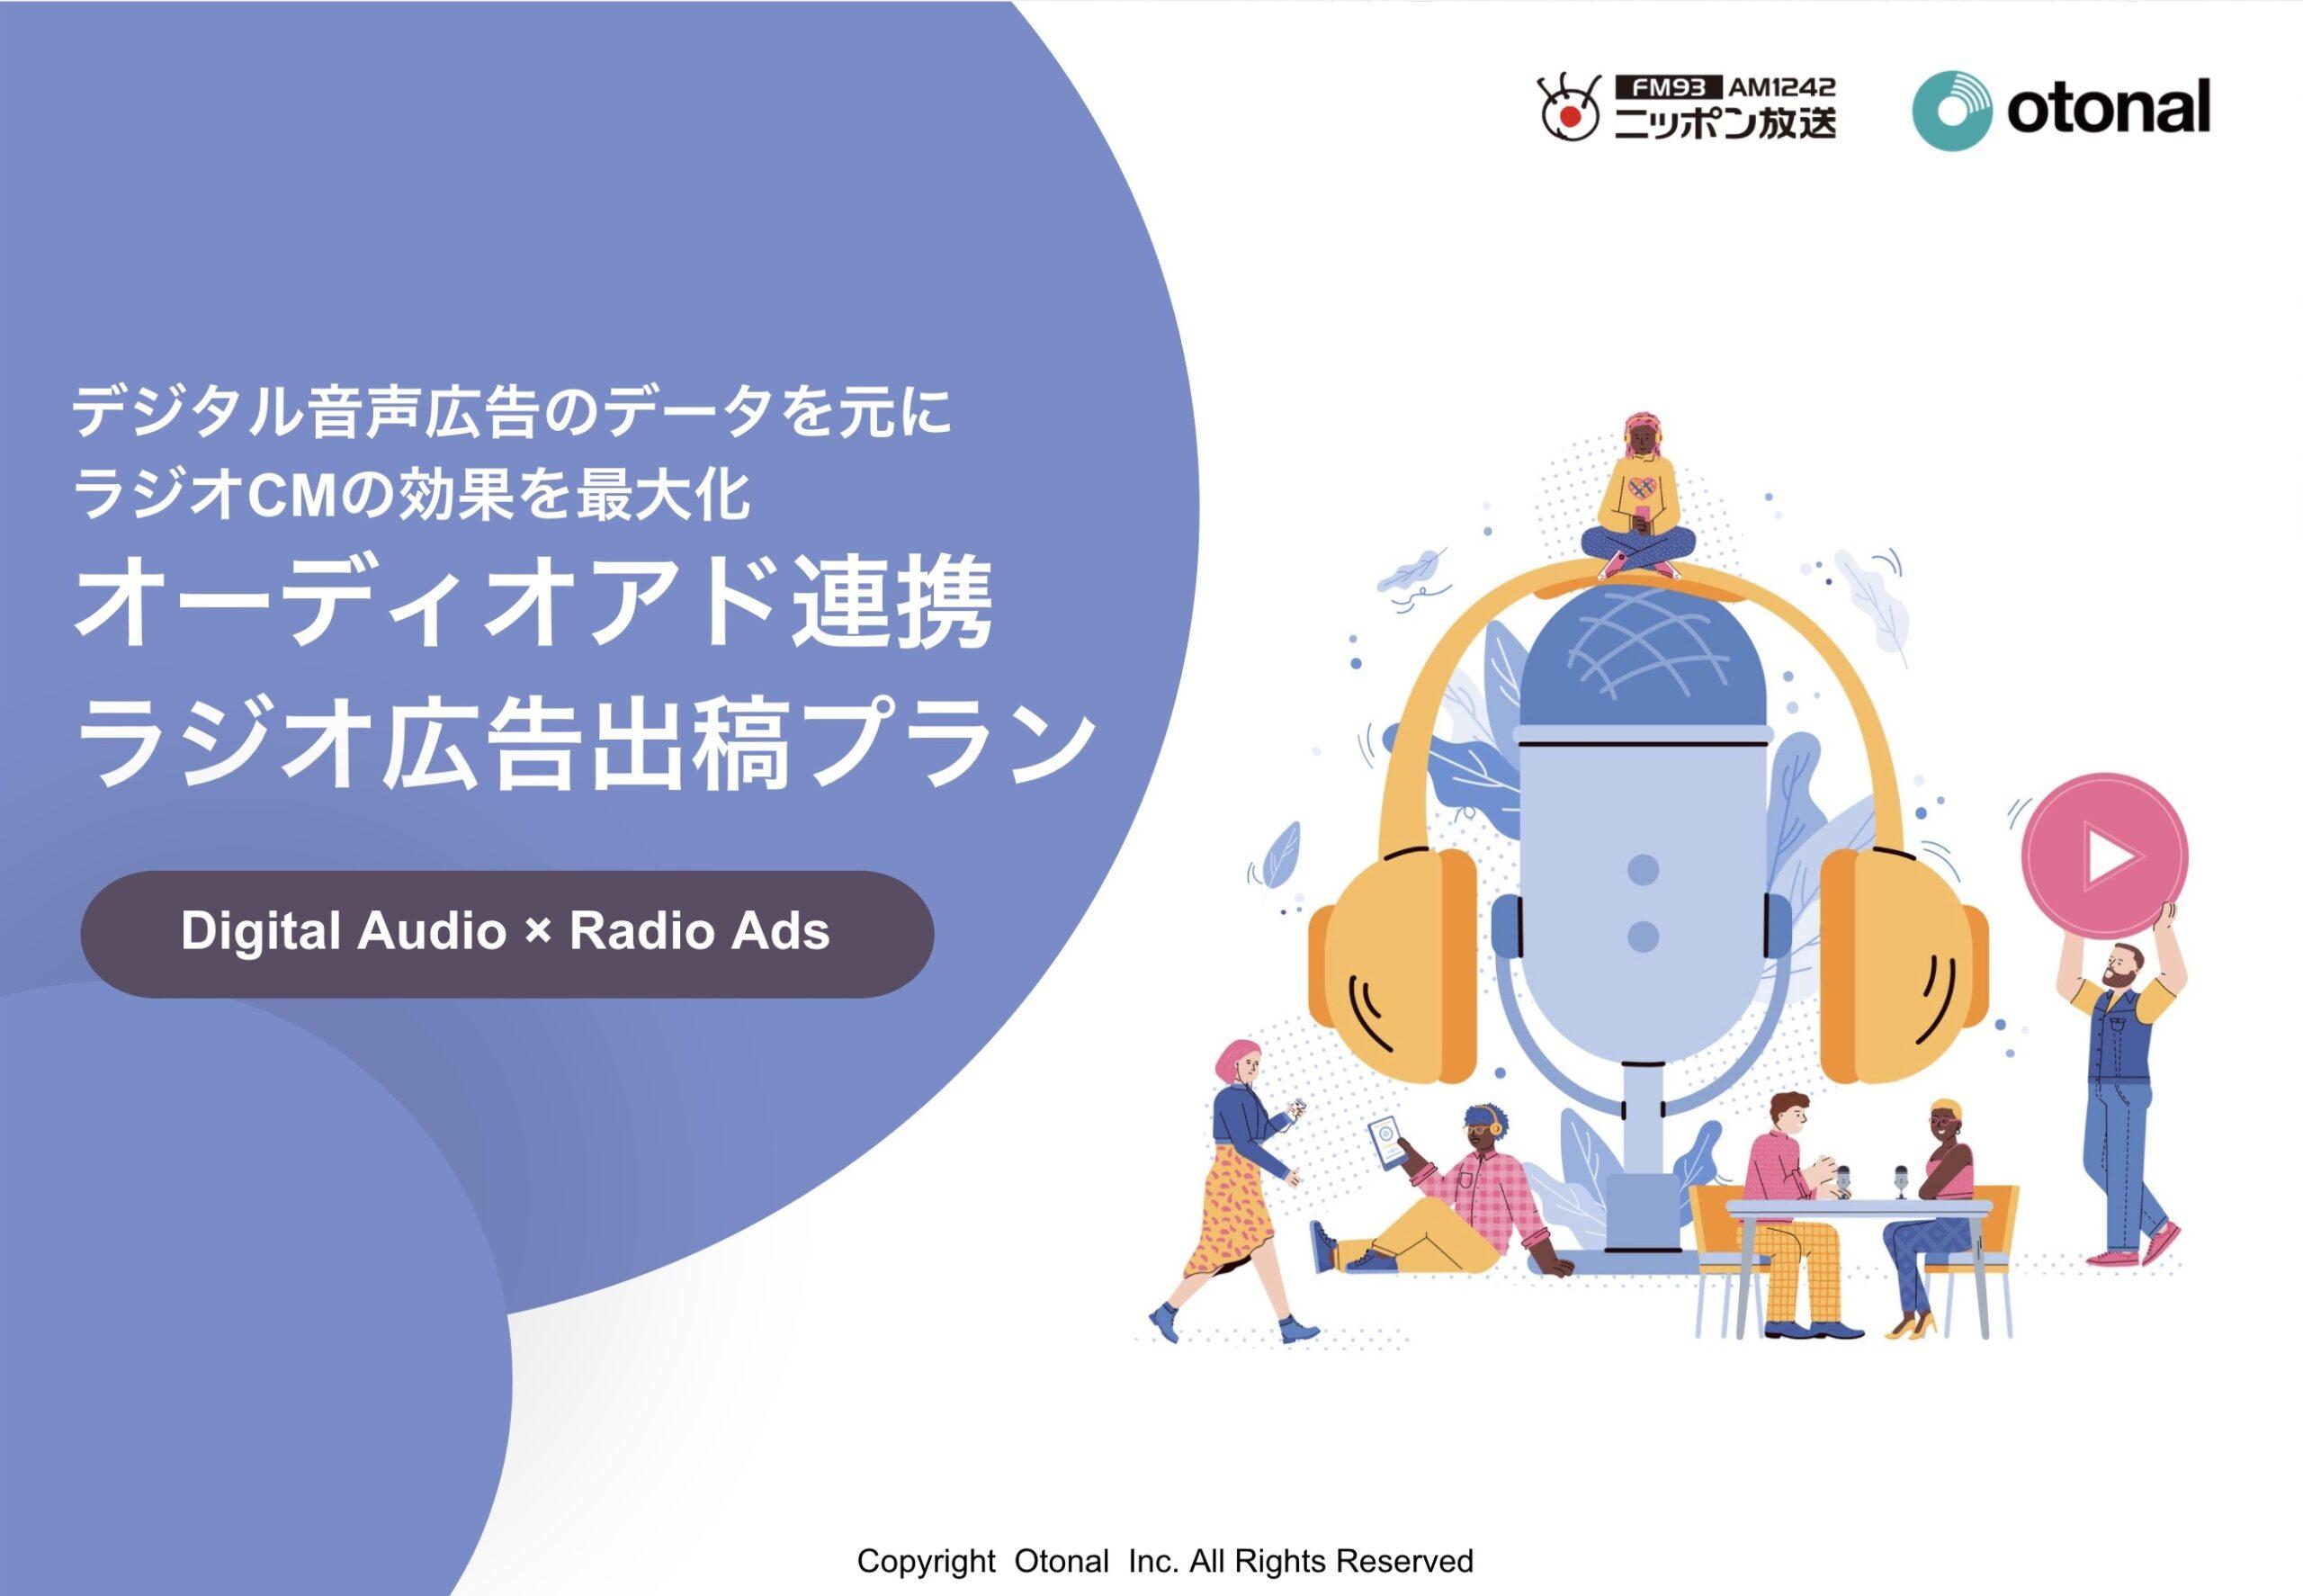 オーディオアド連携ラジオ広告出稿プラン